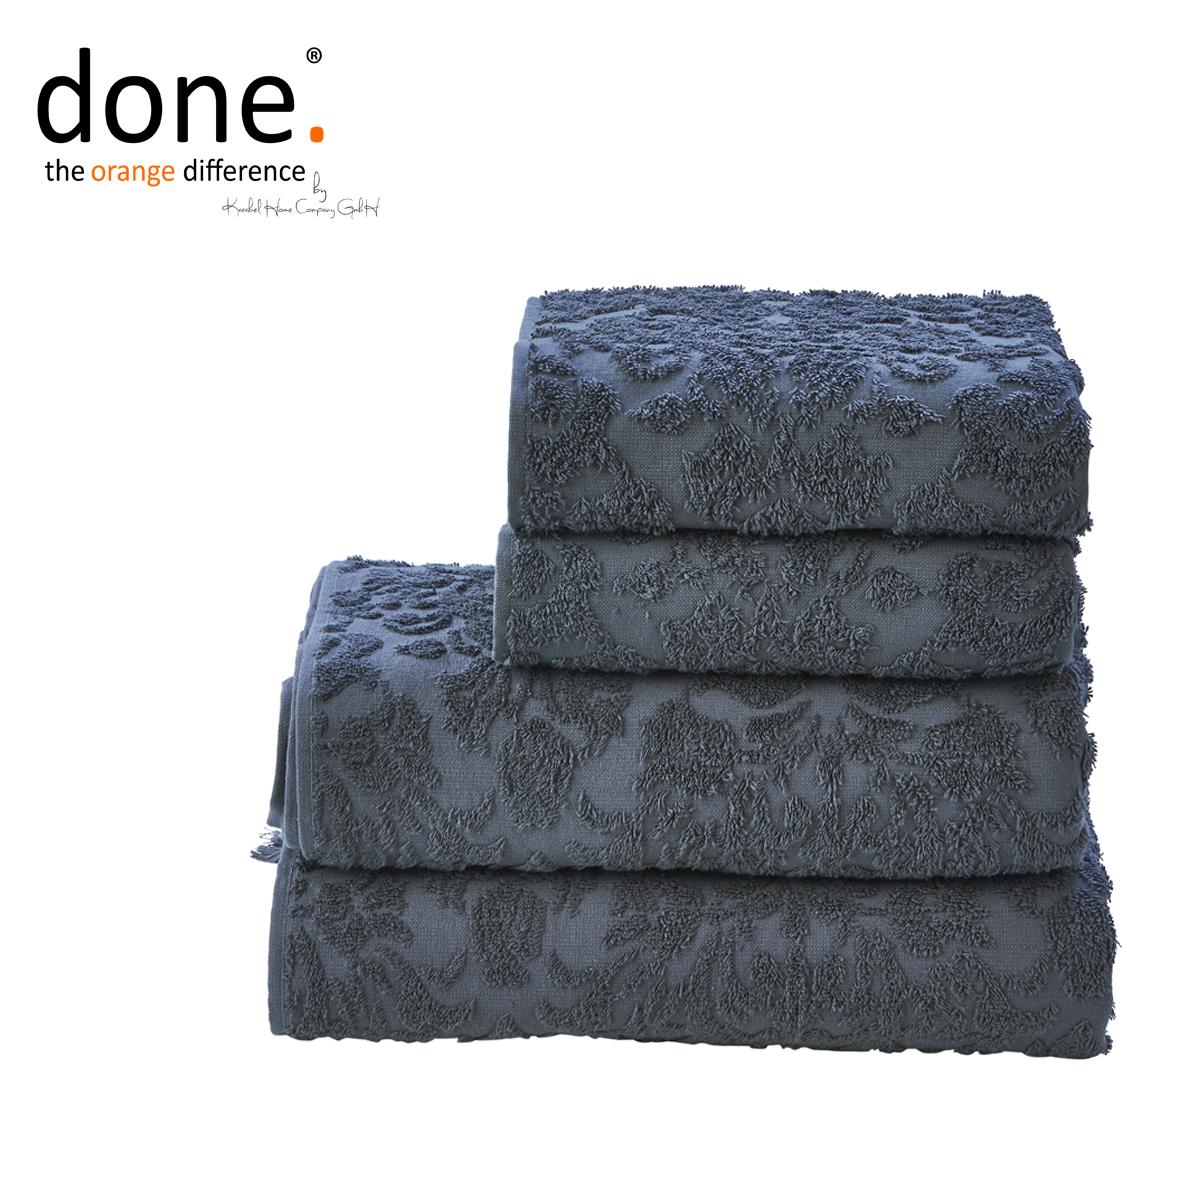 done provence ornaments handtuch set 4 tlg anthrazit. Black Bedroom Furniture Sets. Home Design Ideas